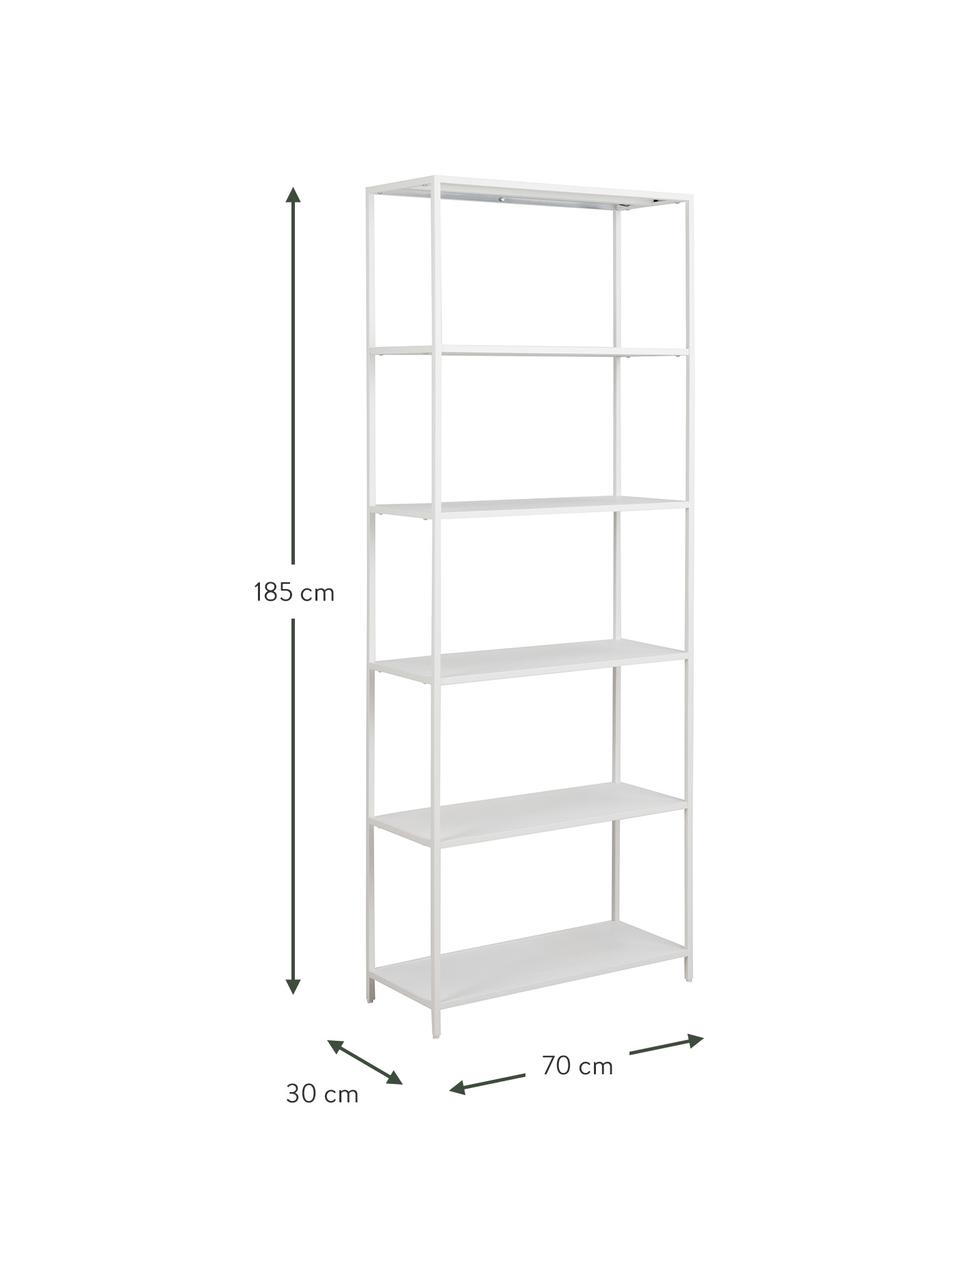 Libreria in metallo bianco Neptun, Metallo rivestito, Bianco, Larg. 70 x Alt. 185 cm